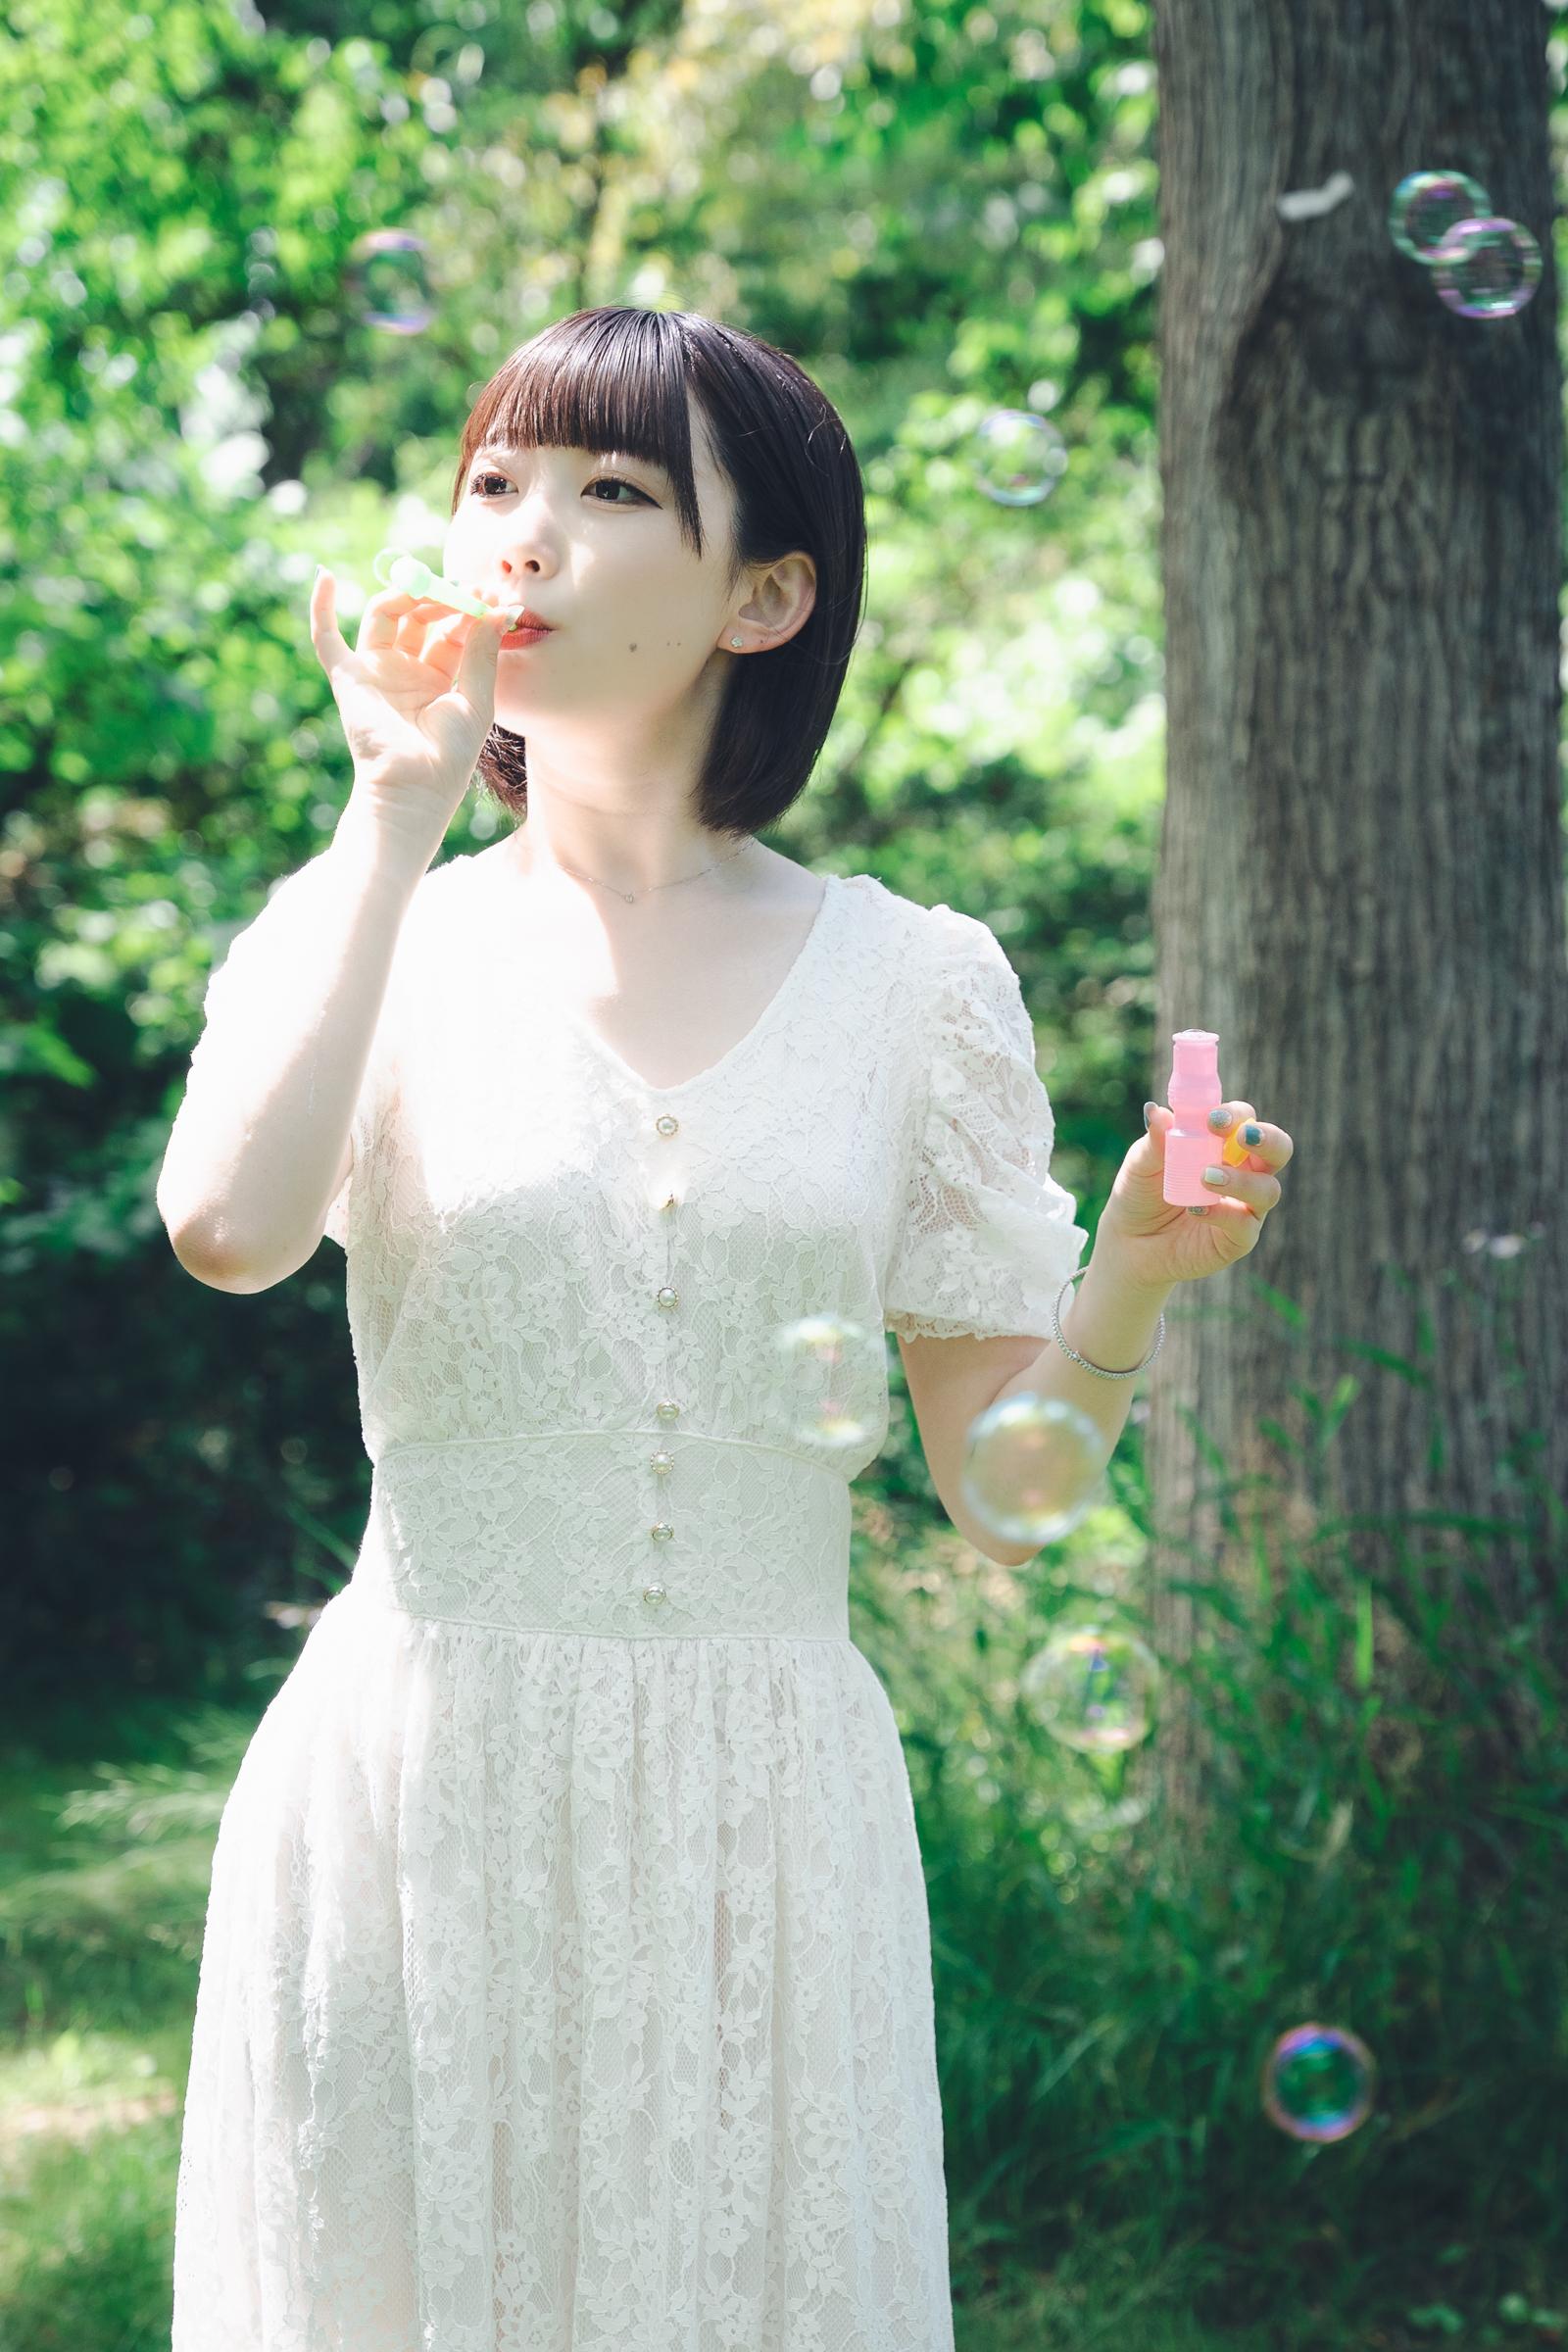 フルーティー♡ えま ( 矢上愛麻 ) | SMP 札幌モデルプロ撮影会